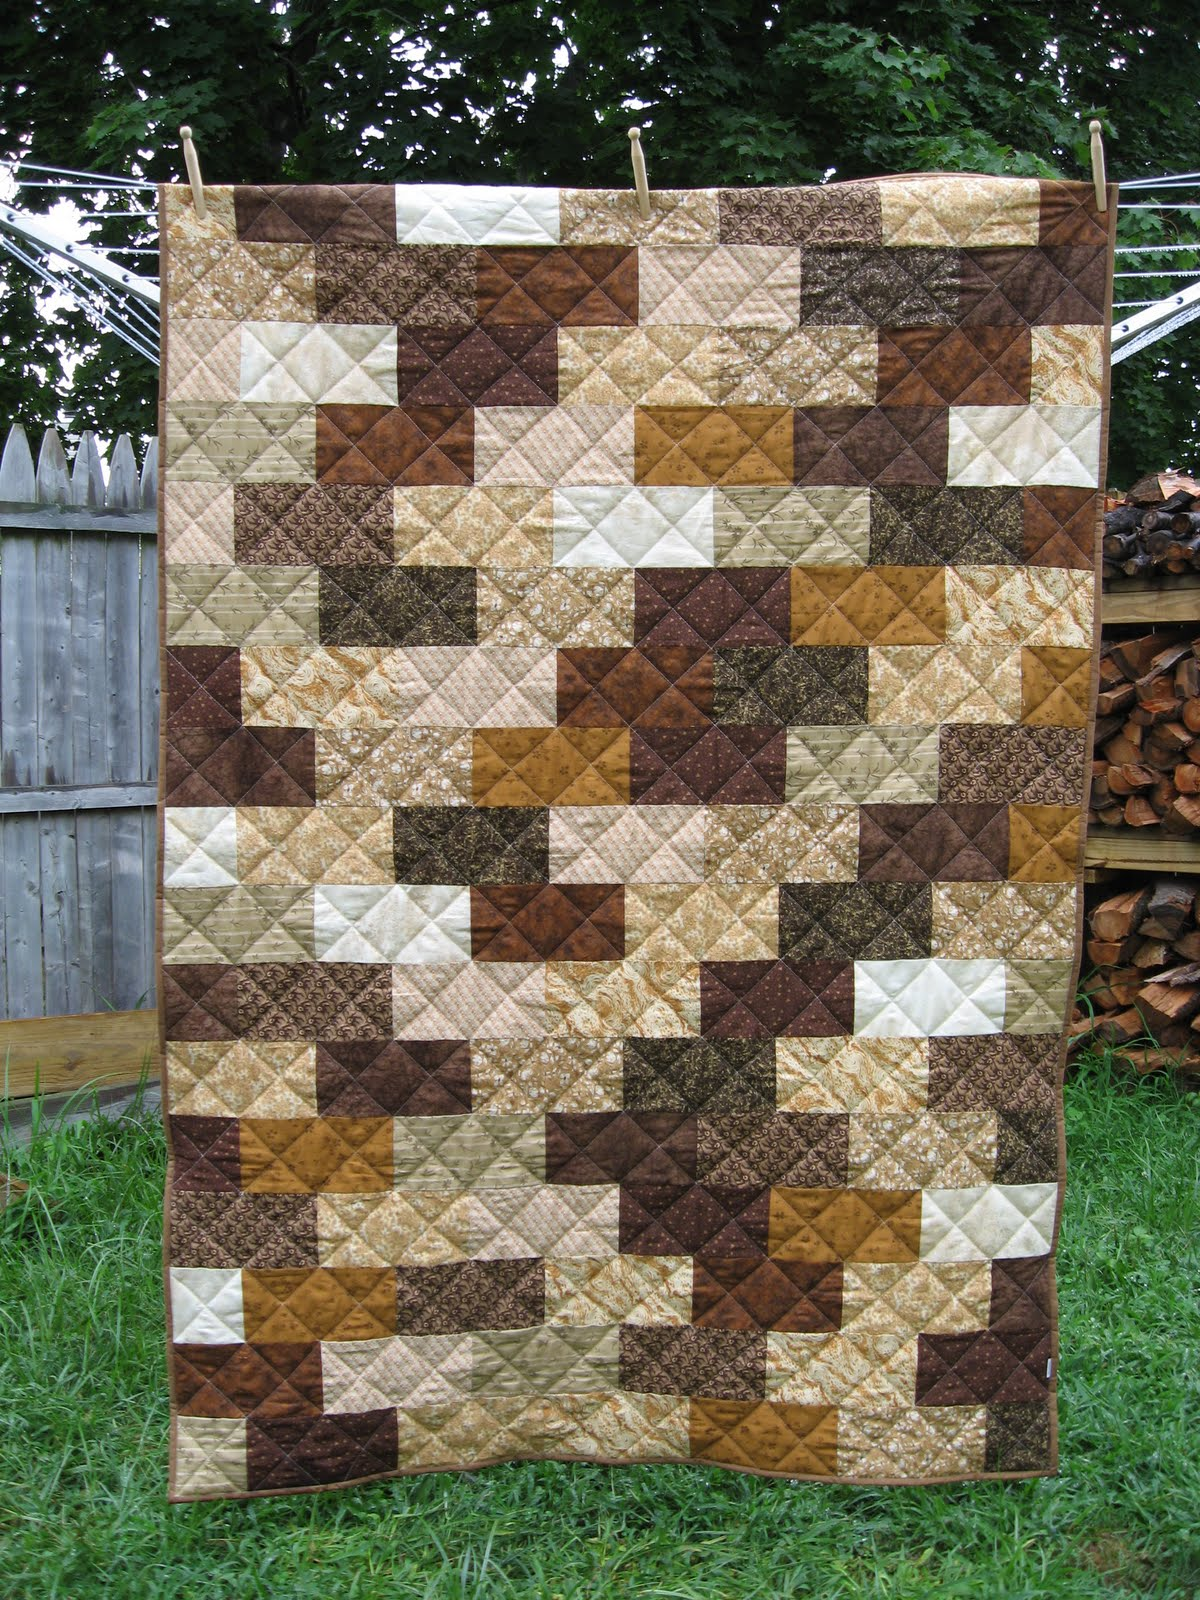 The Brick Wall Quilt Pattern BlueStripedRoom